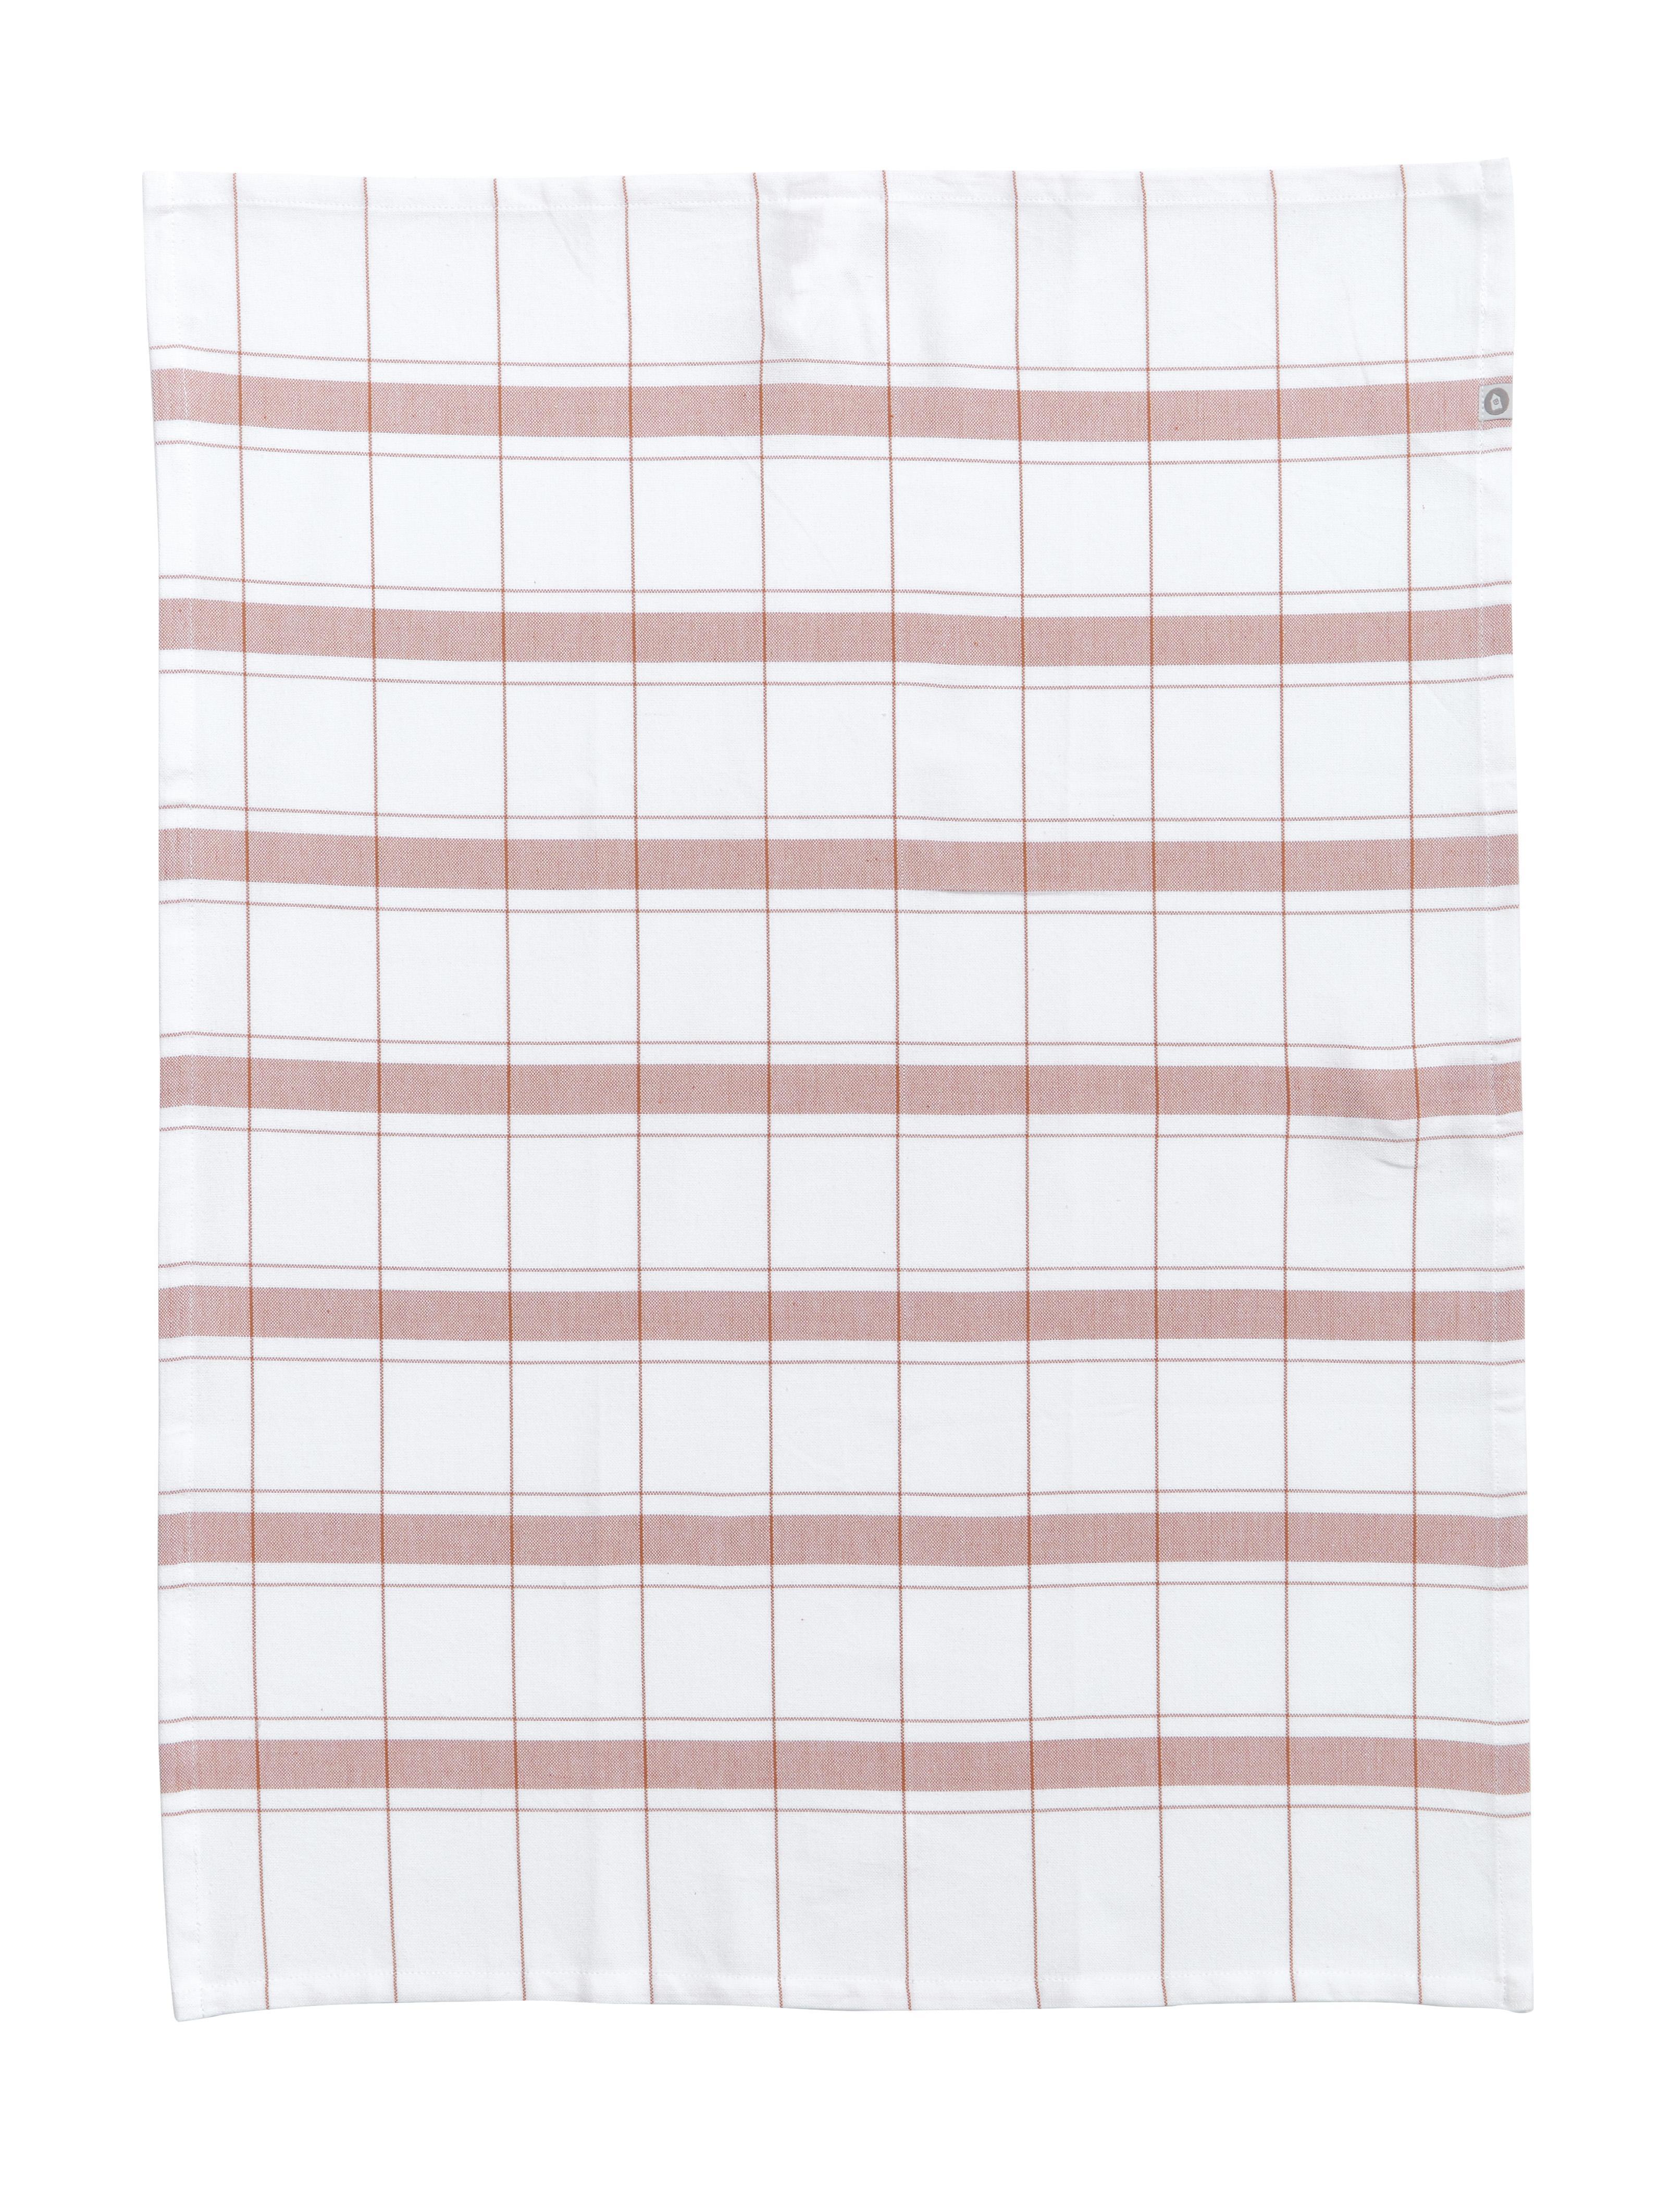 Geschirrtücher Halida mit Streifen und Karomuster, 2 Stück, 100% Baumwolle, Weiss, Nougatbraun, 55 x 75 cm